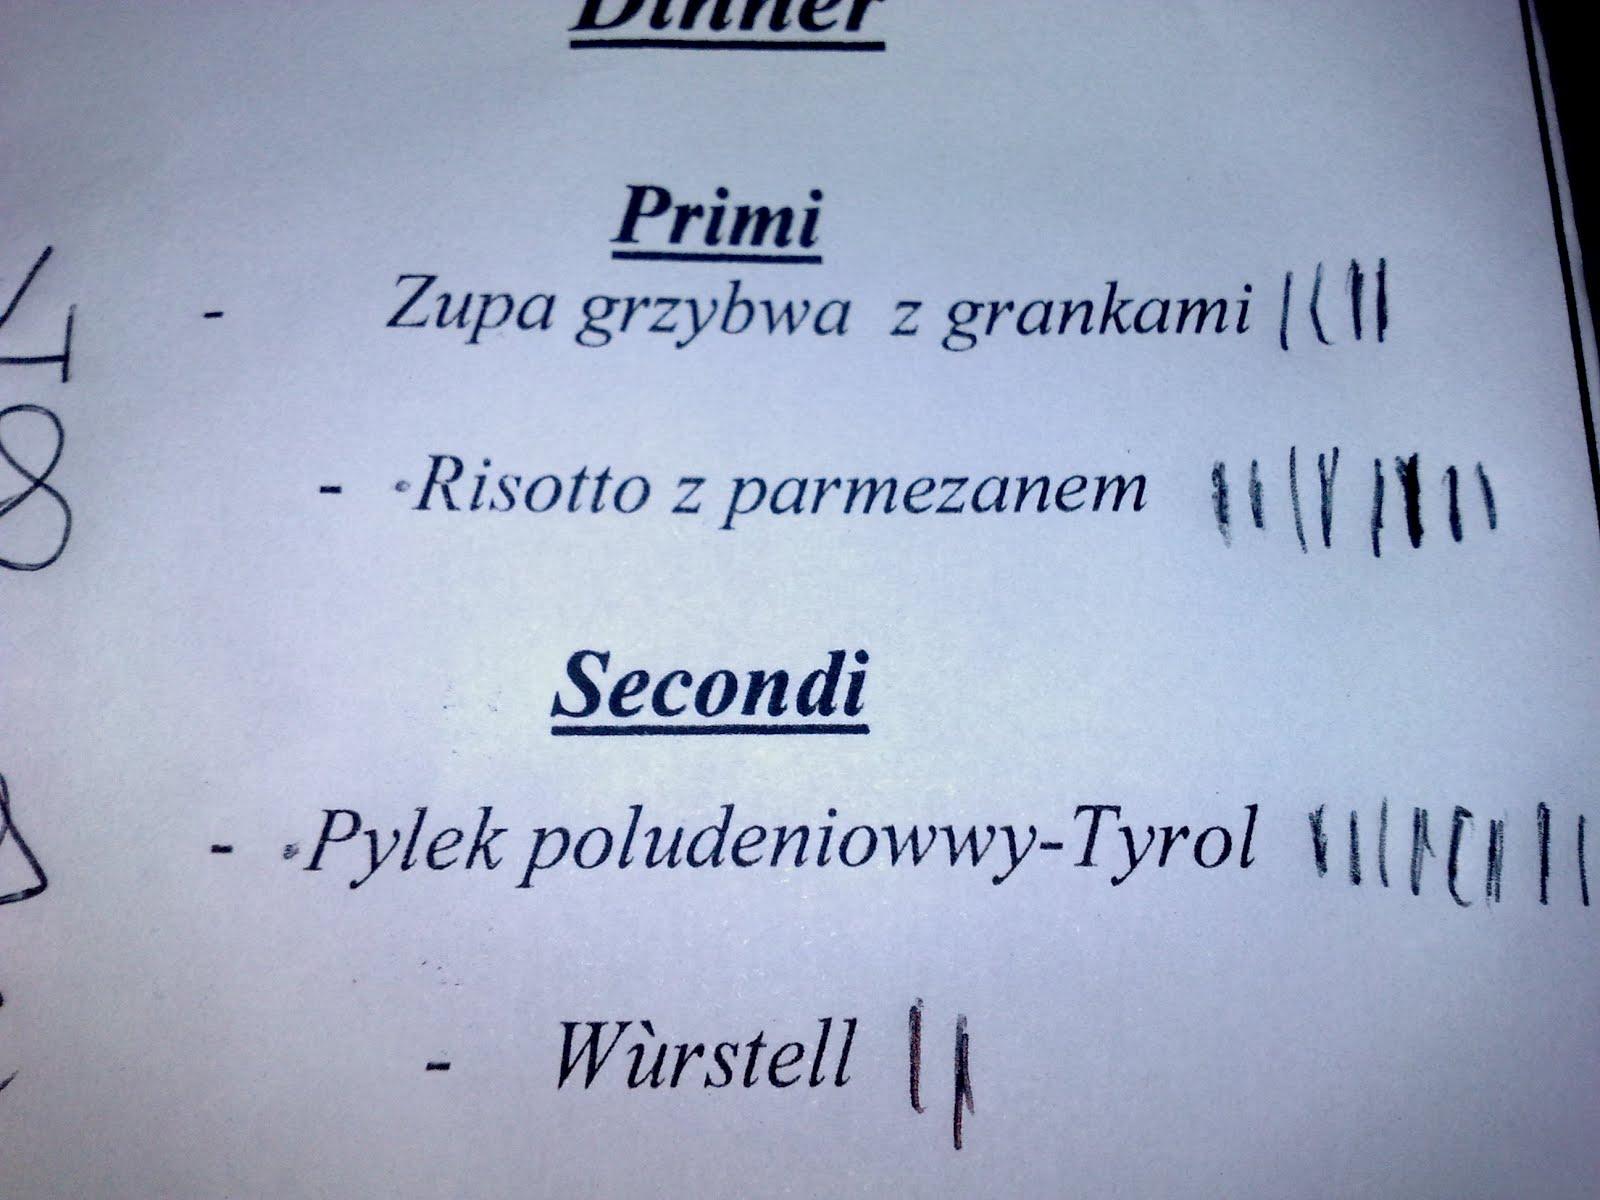 Zupa grzybwa z grankami; Pylek poludeniowwy-Tyrol